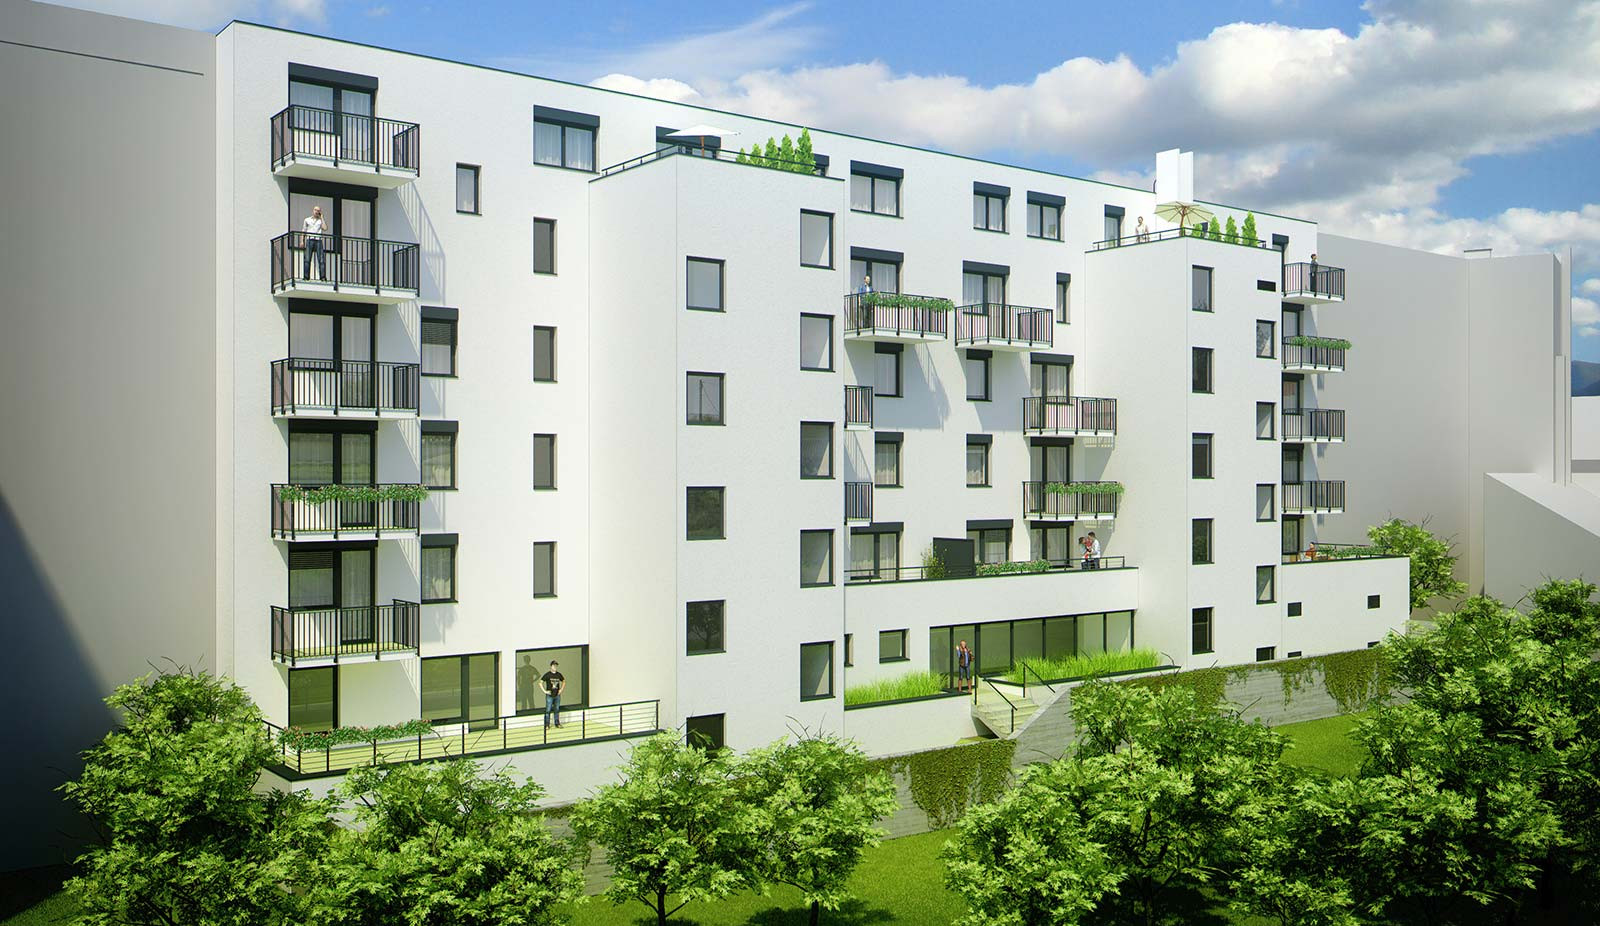 Byt, 1 - izbový, 44.87m2, Bratislava I - StaréMesto, Beskydská ulica